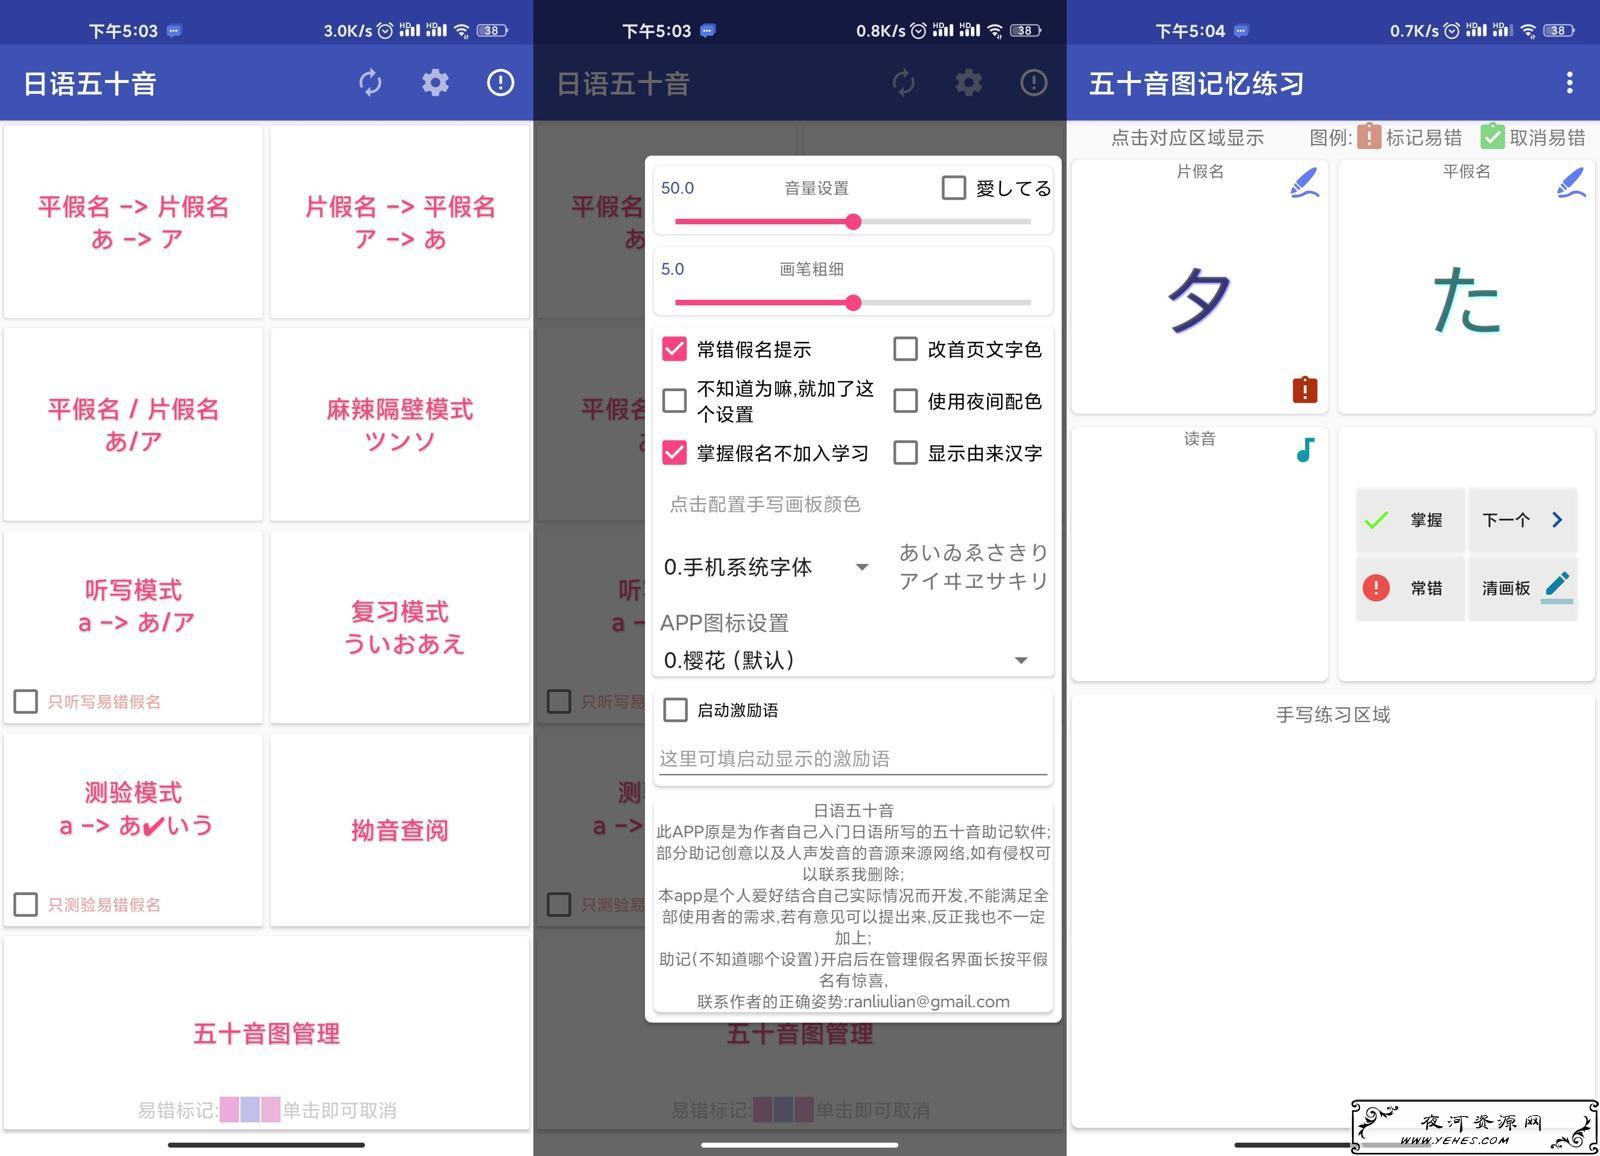 安卓日语五十音v3.0.2官方版_帮助你学习日语